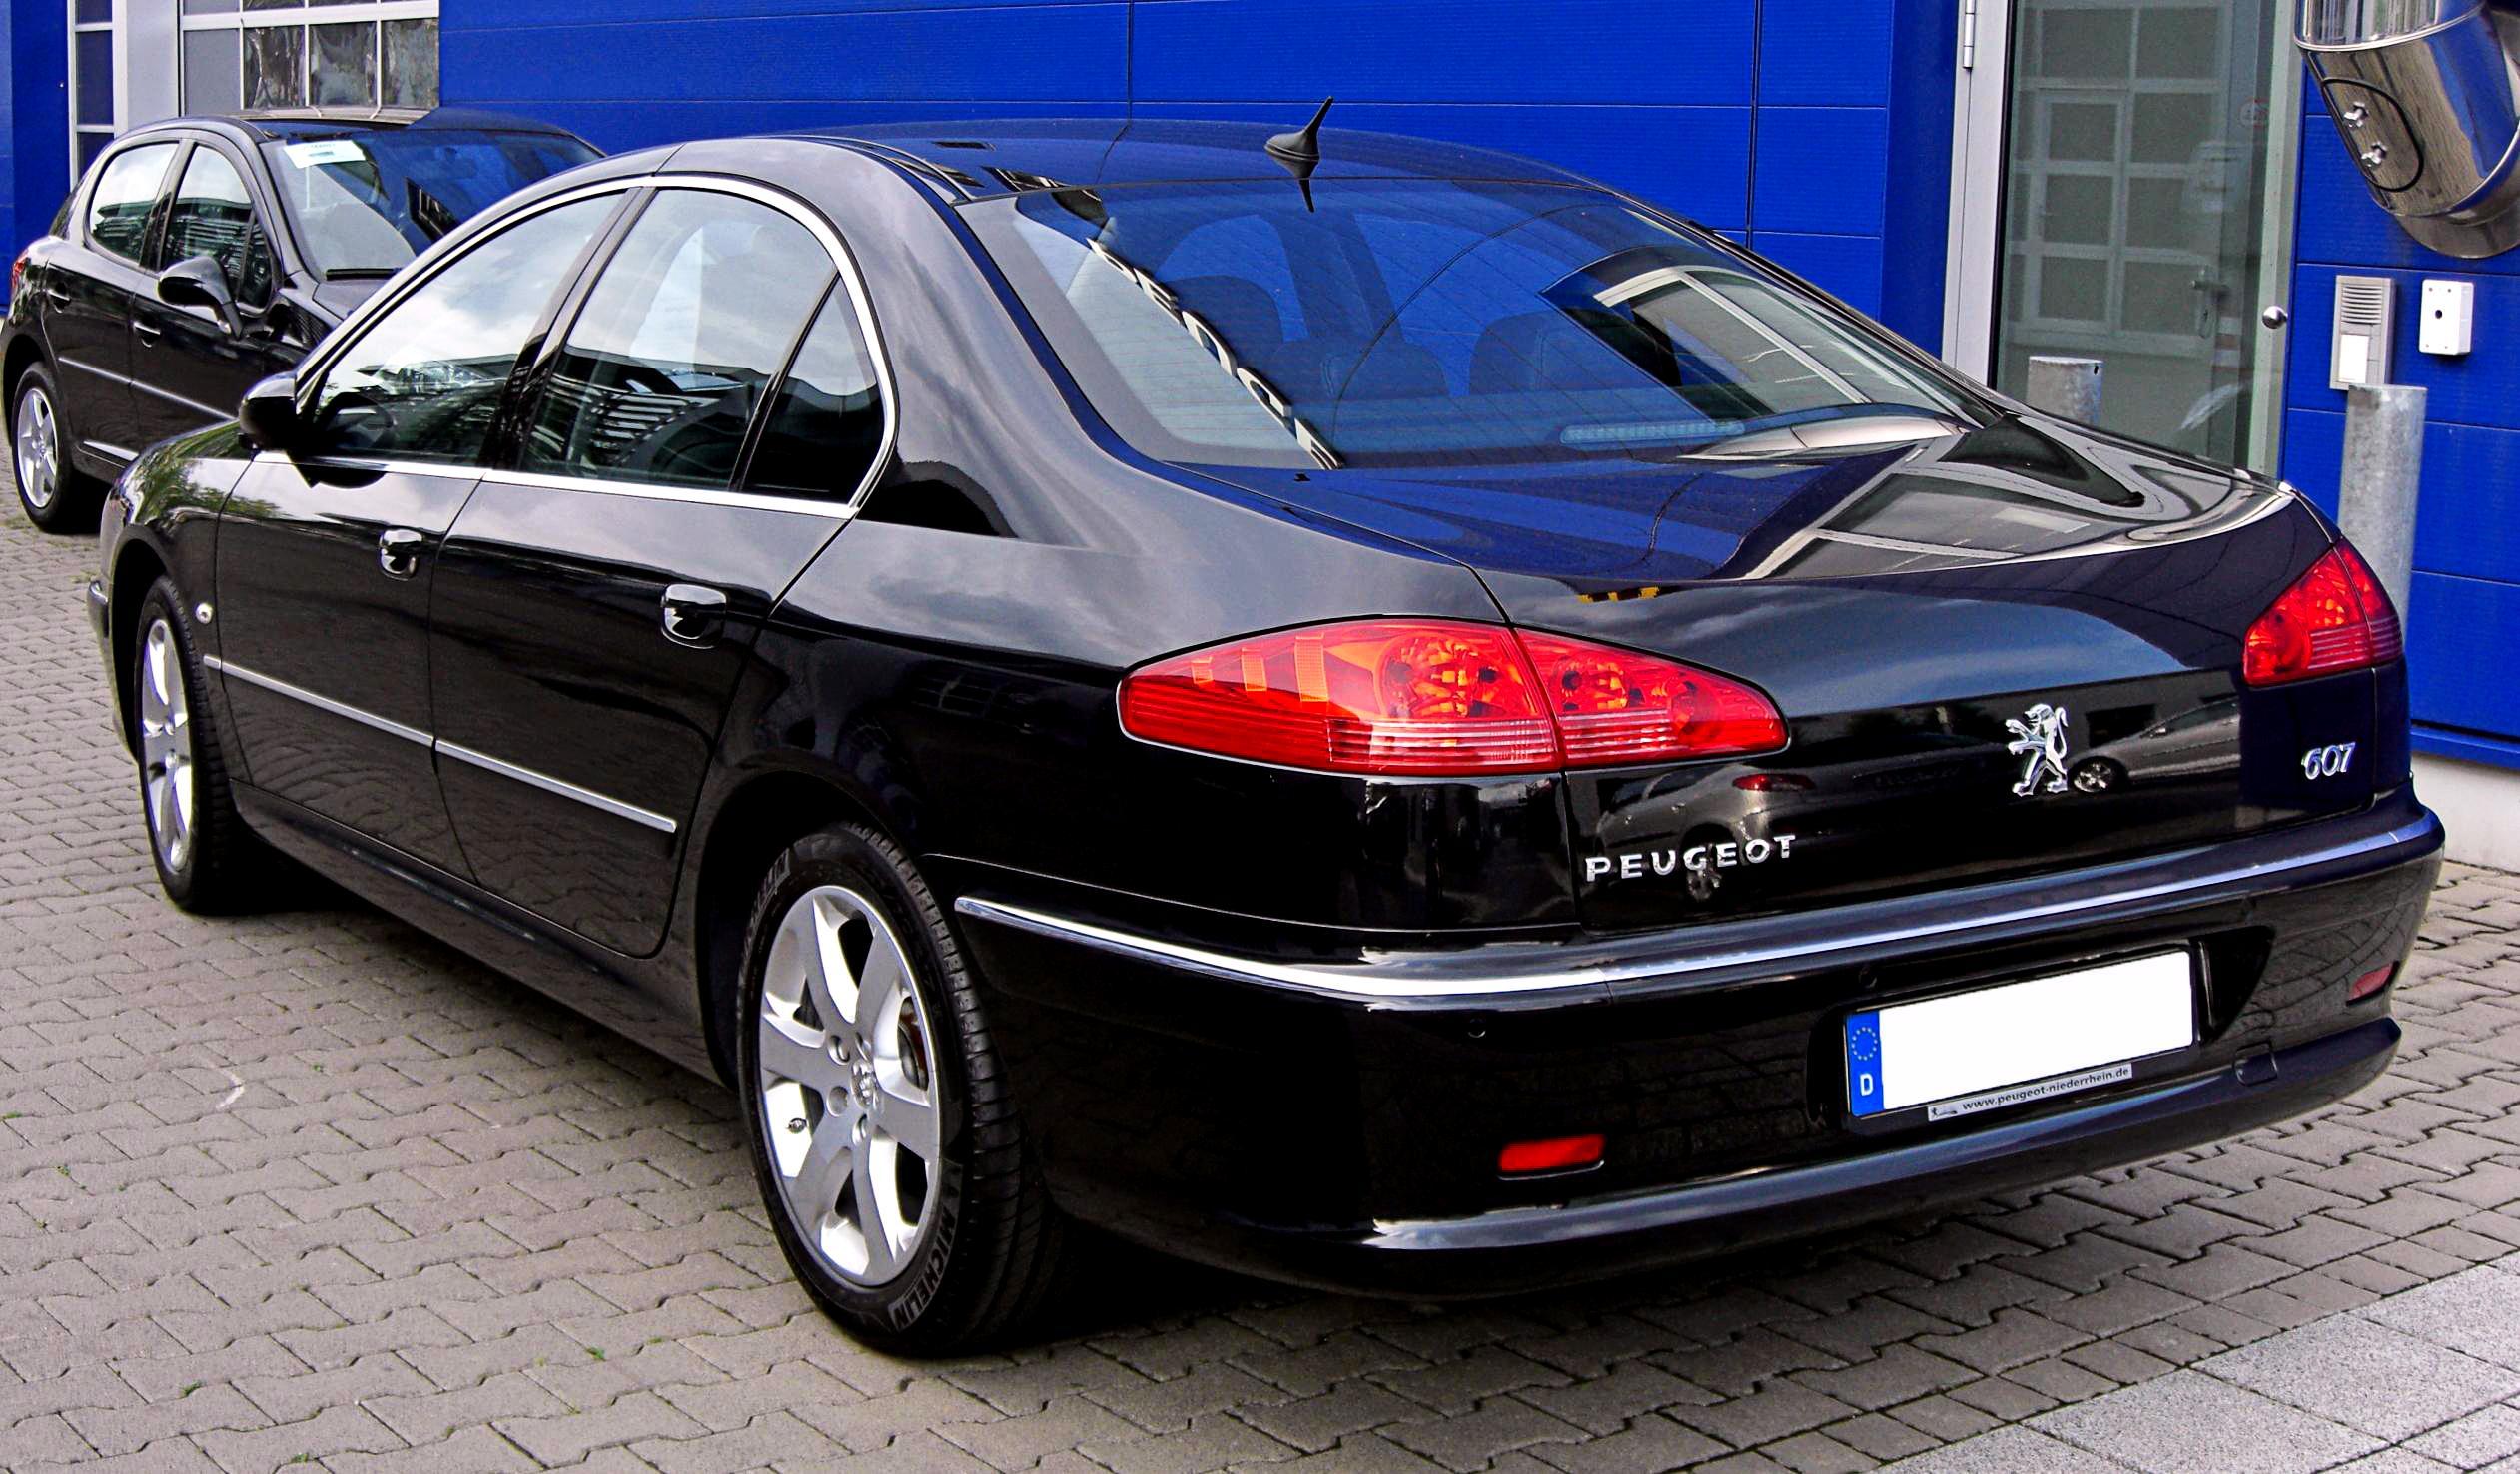 Peugeot-607-2